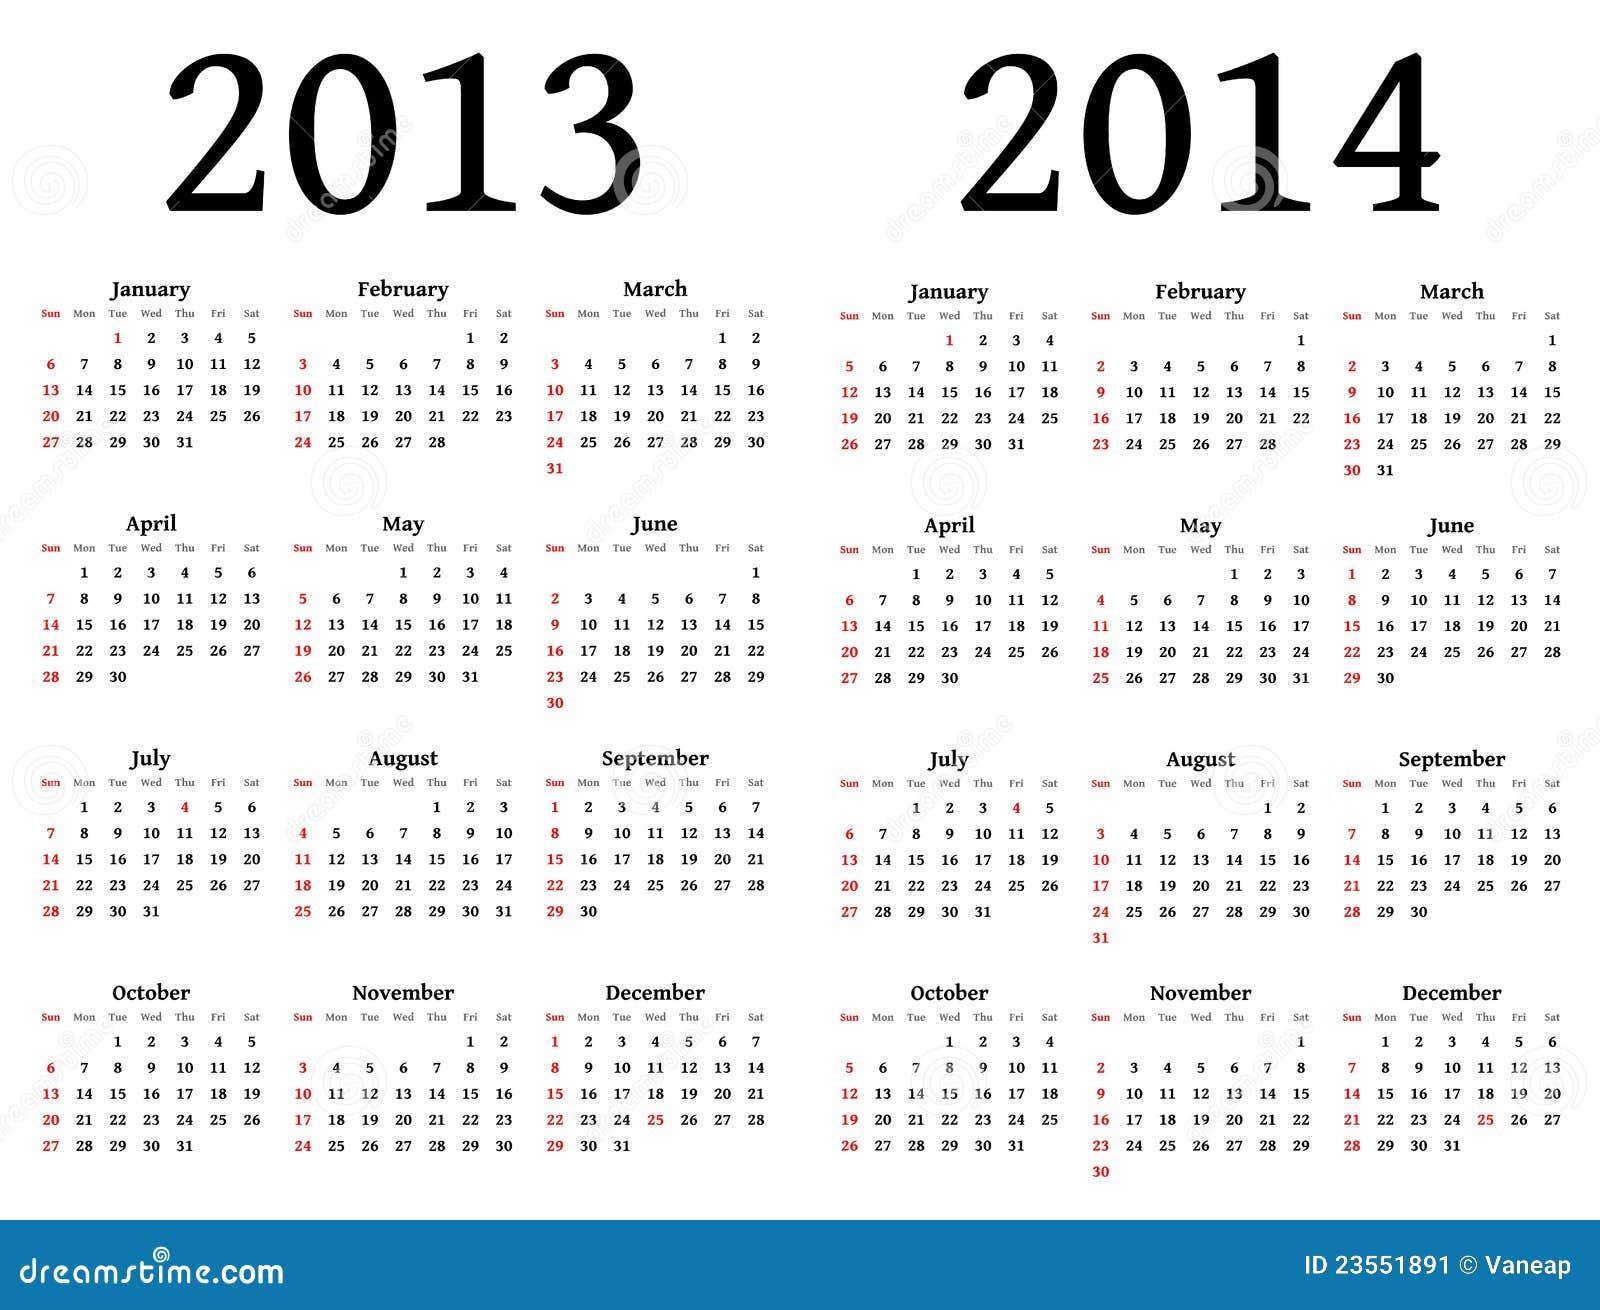 Kinofilme 2013 Und 2014